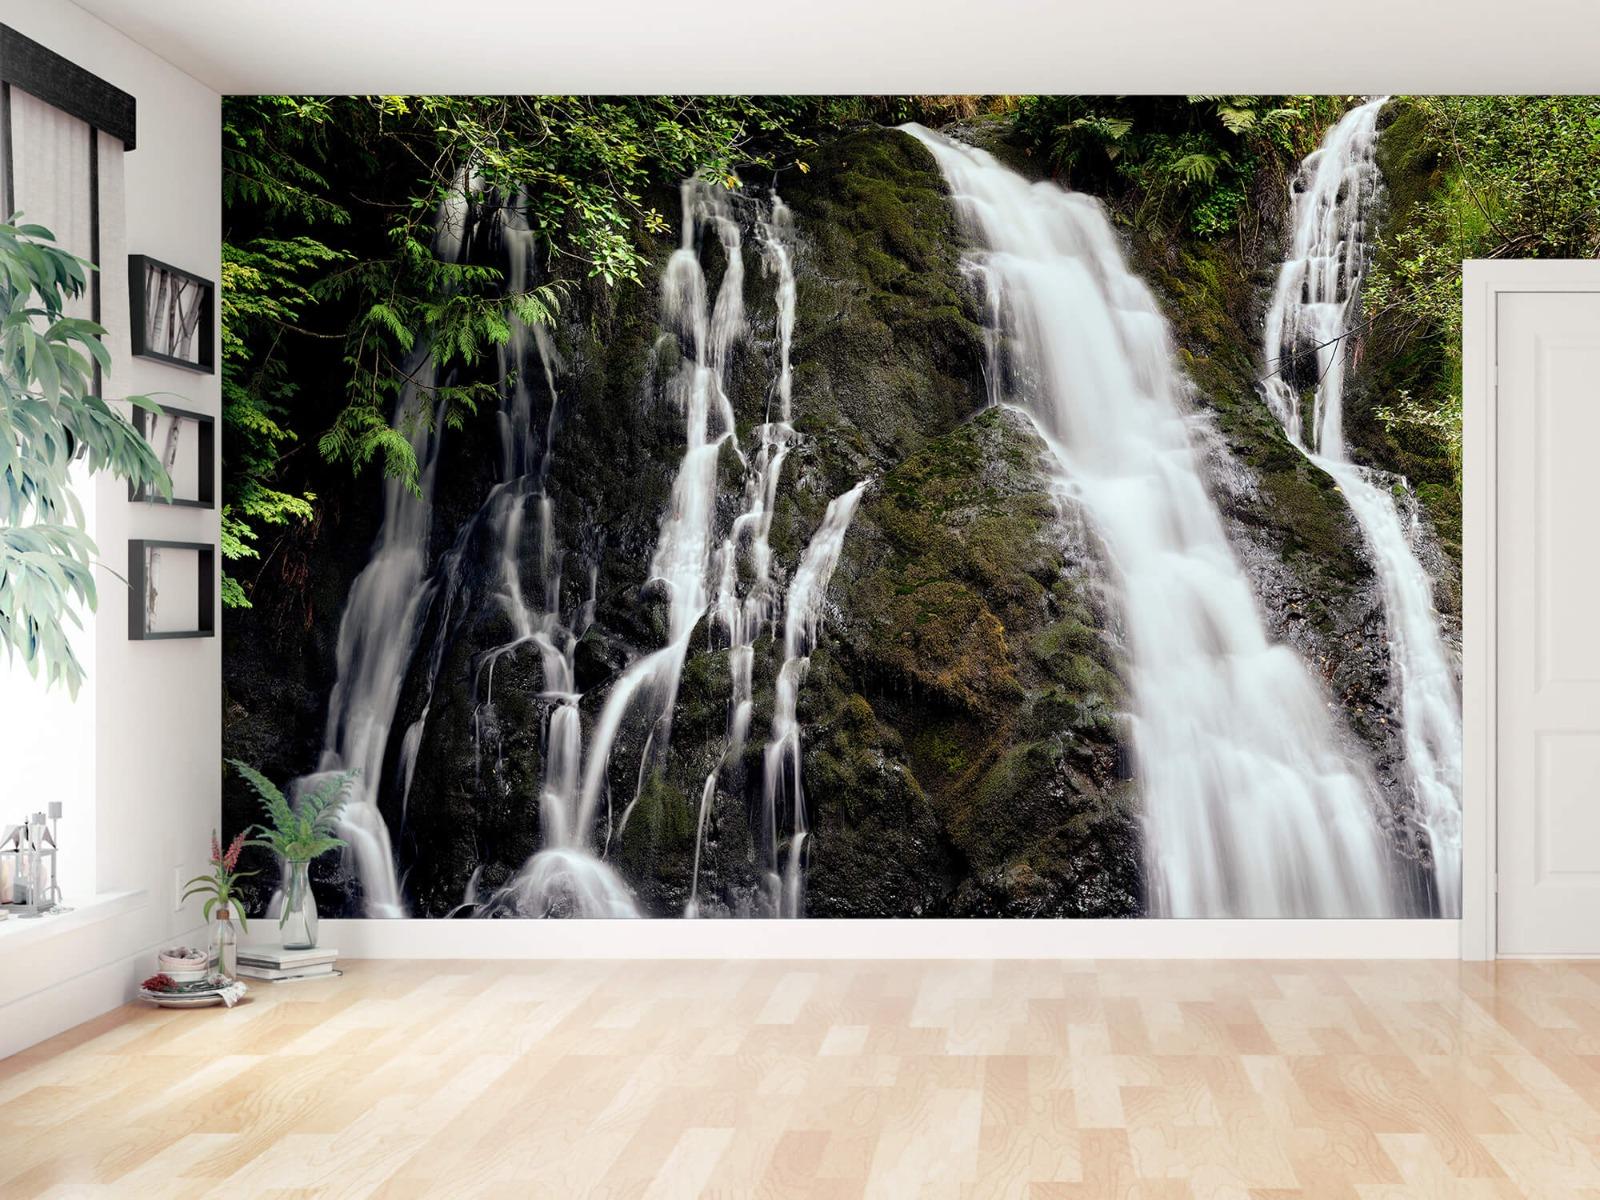 Watervallen - Waterval met 4 stromen - Wallexclusive - Slaapkamer 12